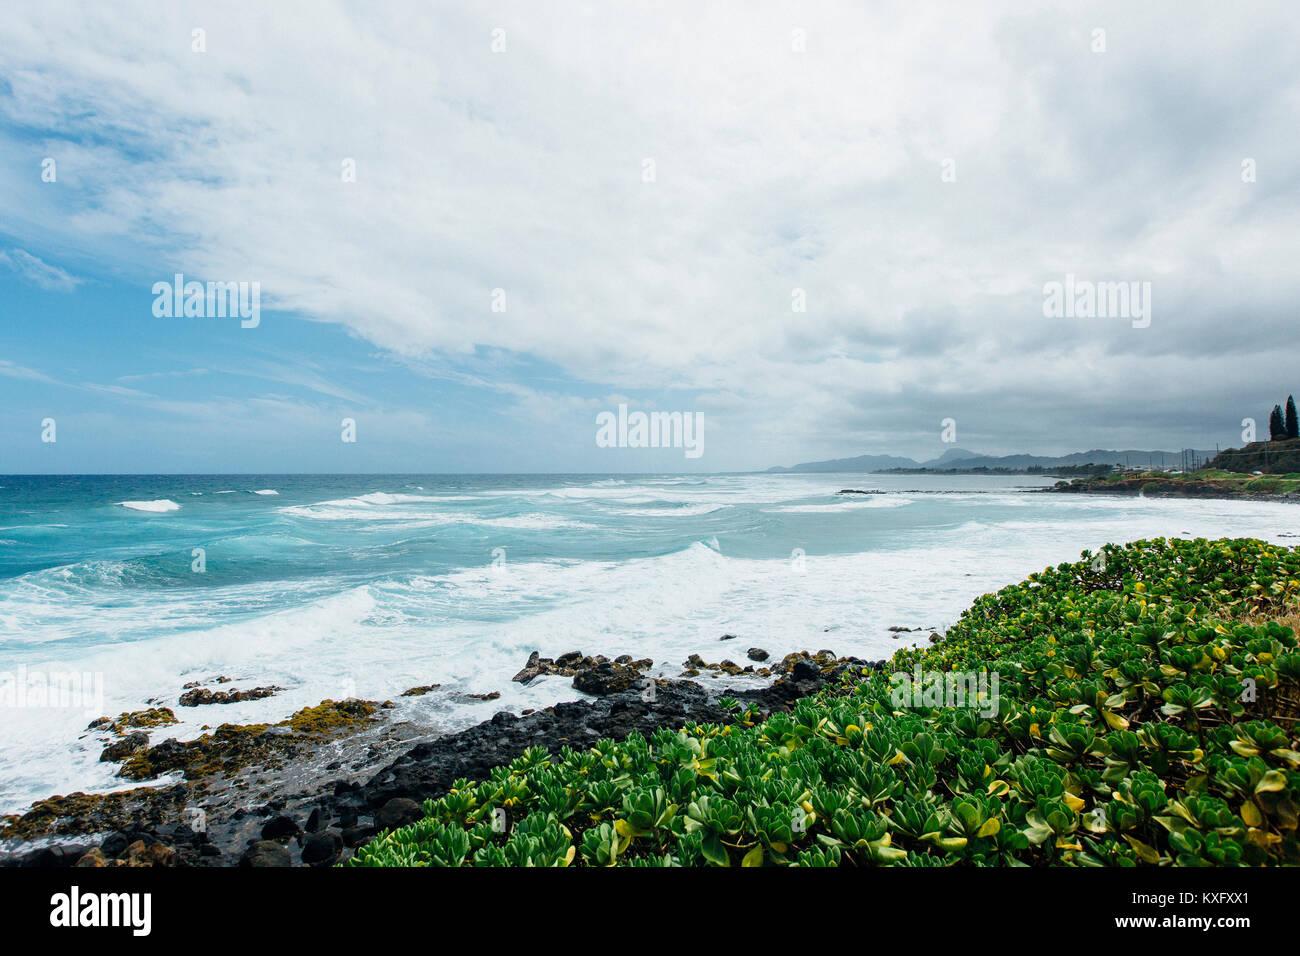 Vista panoramica del mare contro il cielo nuvoloso Foto Stock